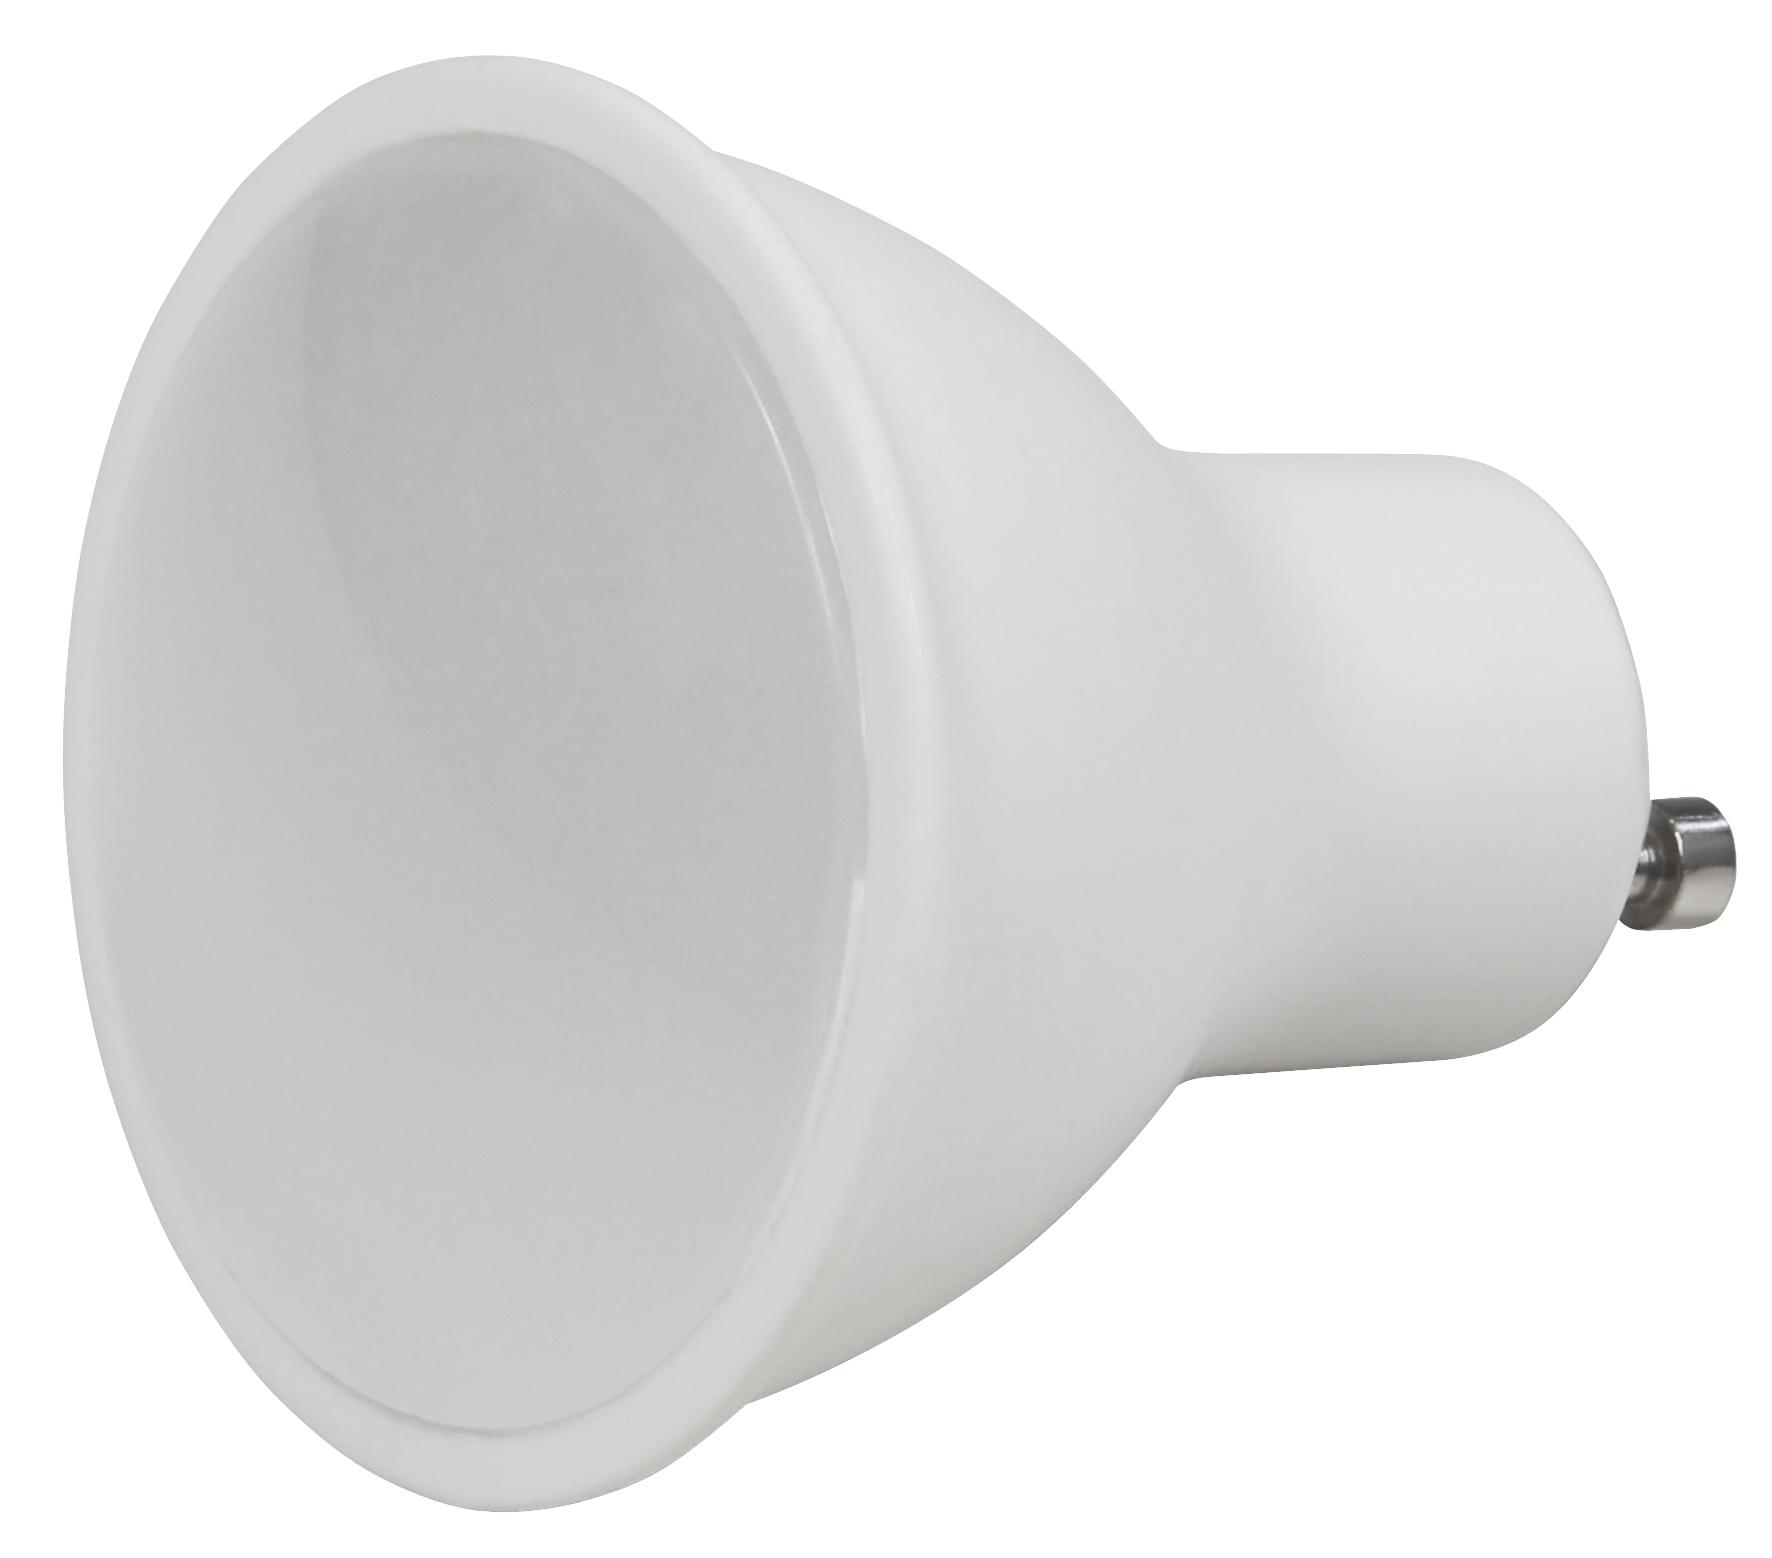 LED-Strahler McShine ''PV-90'' GU10, 9W, 900lm, 120°, 3000K, warmweiß